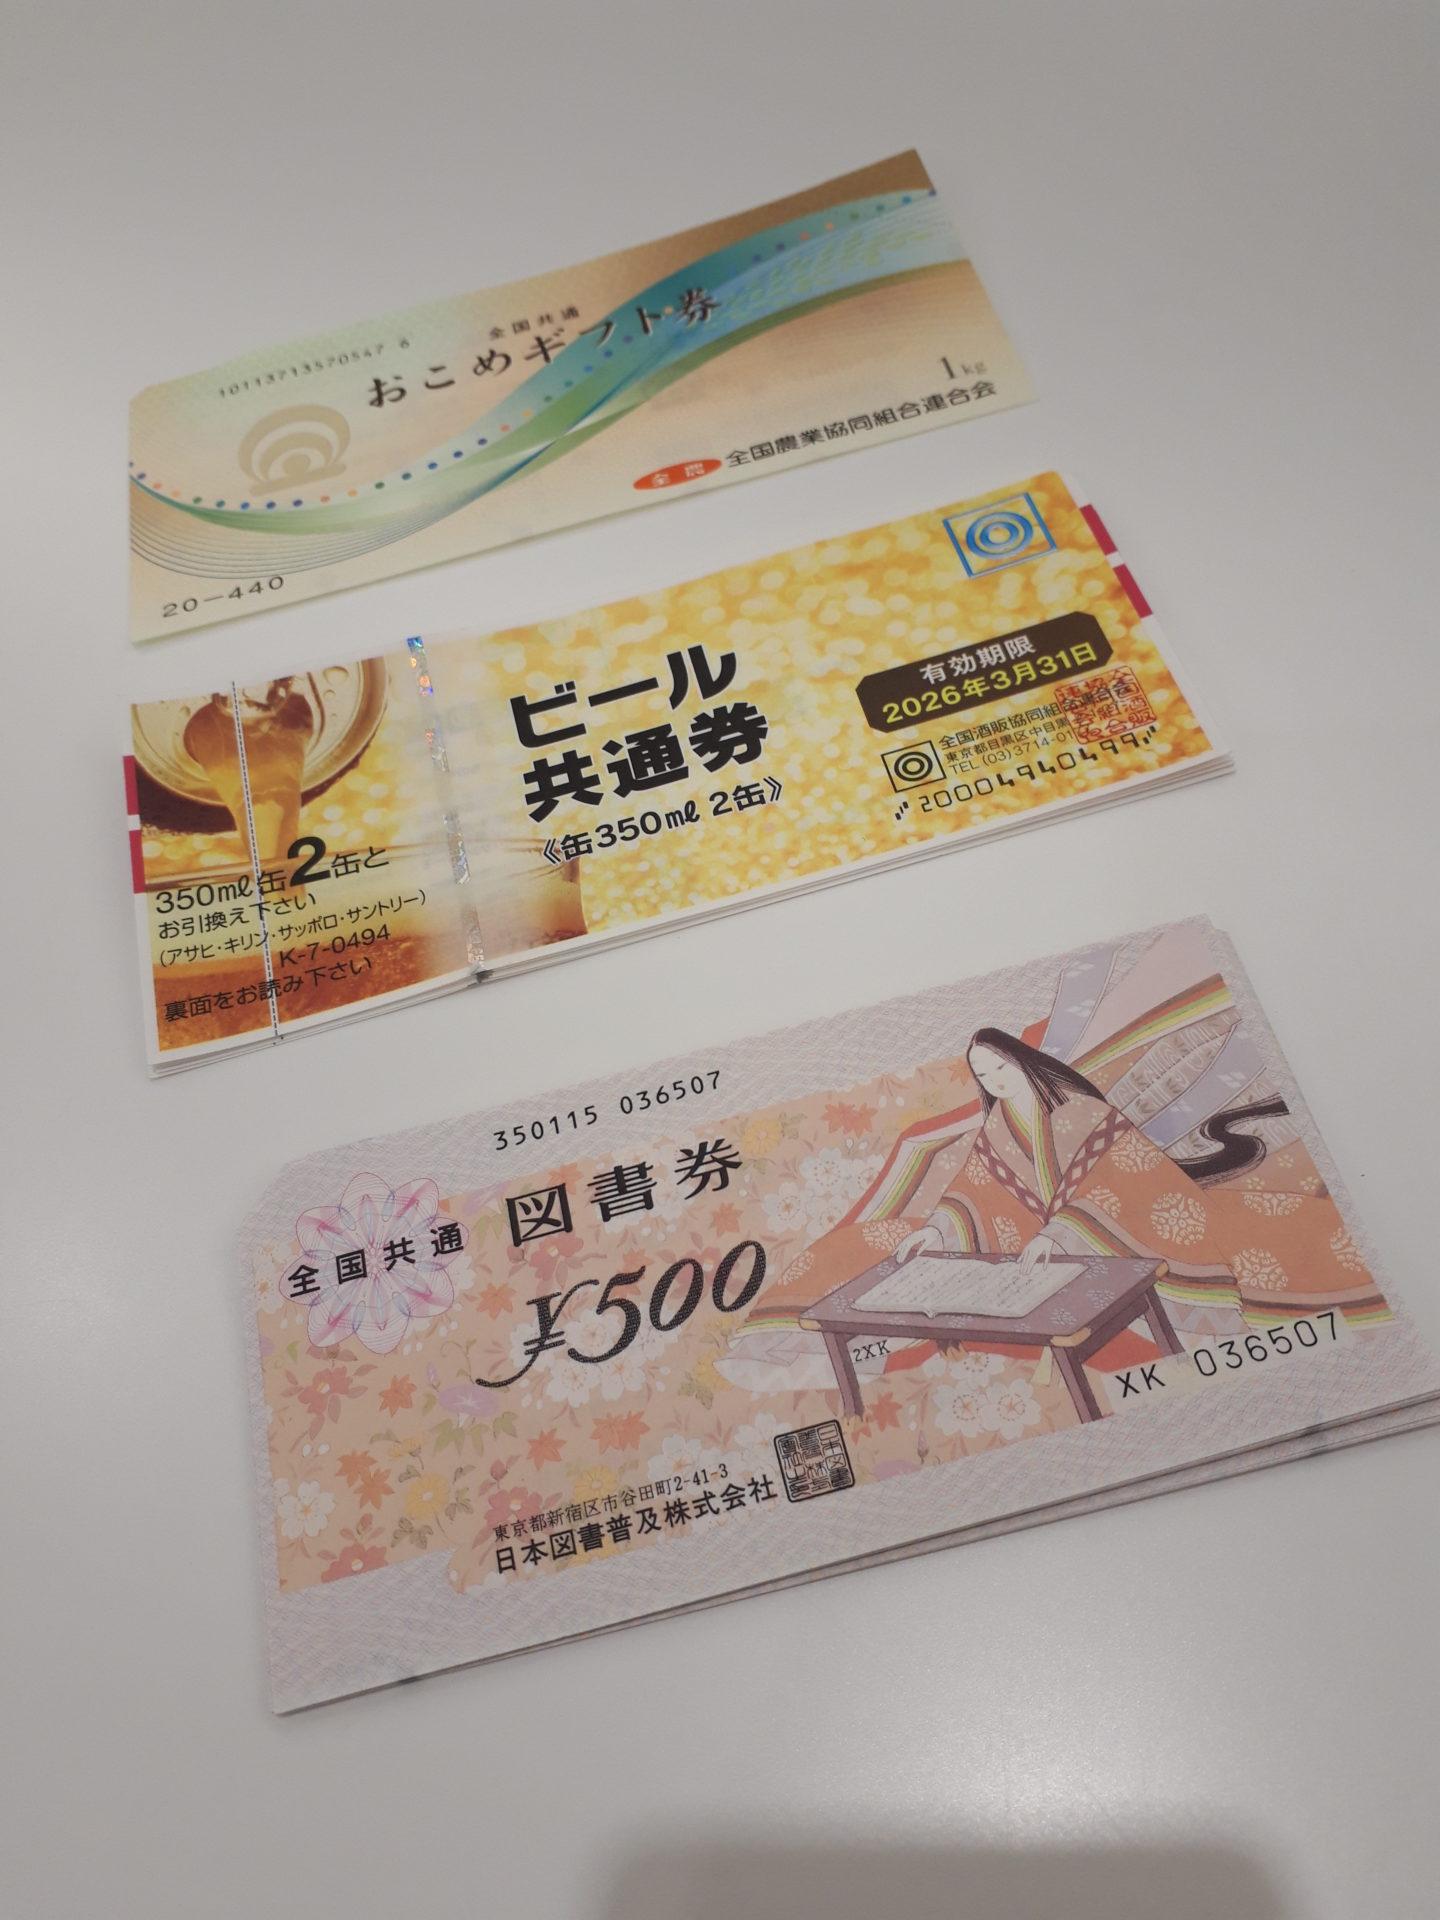 【金券 買取 盛岡】お米券、ビール券、図書券も高価買取中!